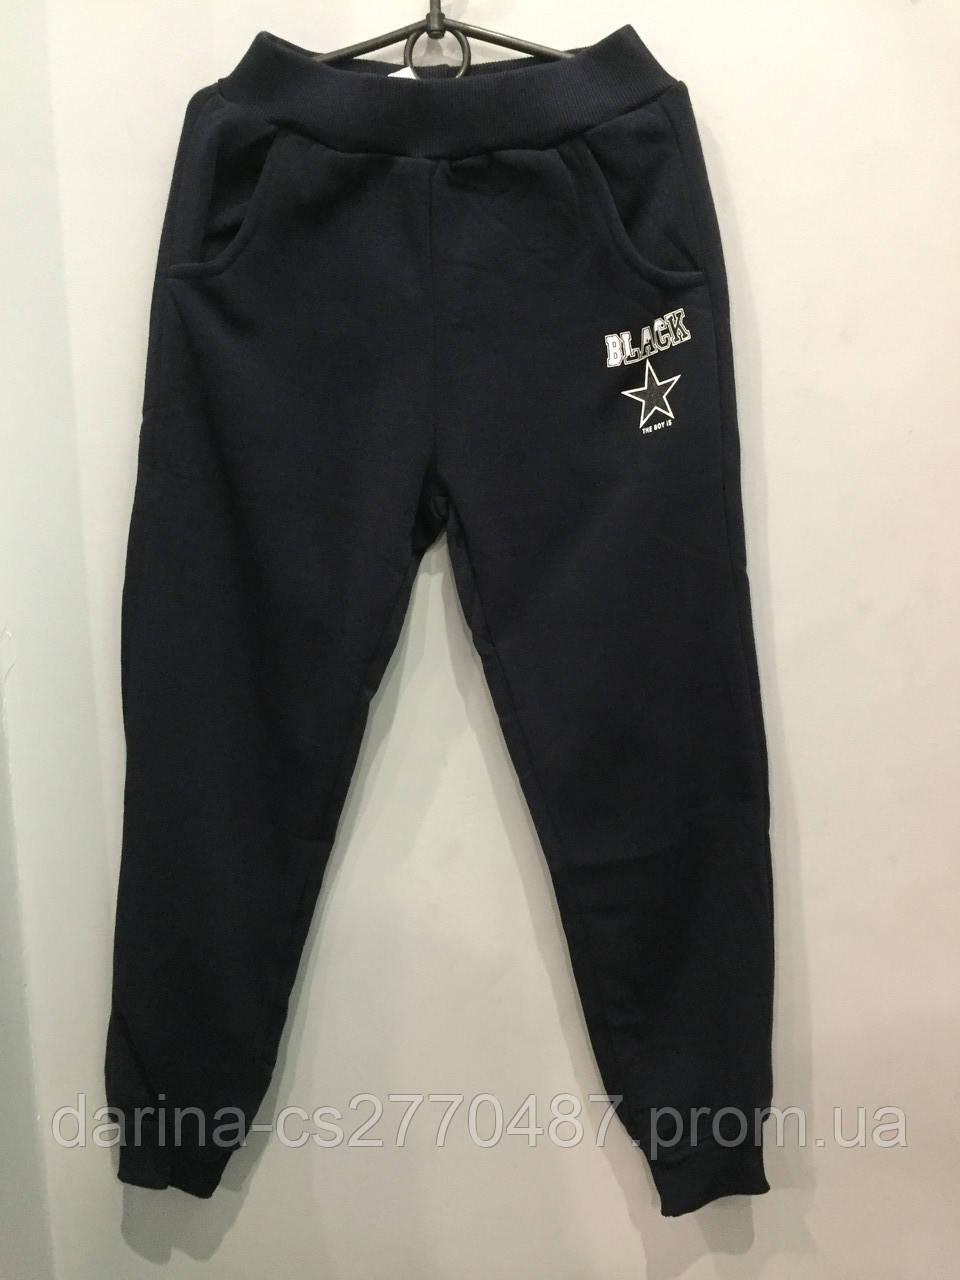 Спортивные штаны на флисе для мальчика 140,152 см